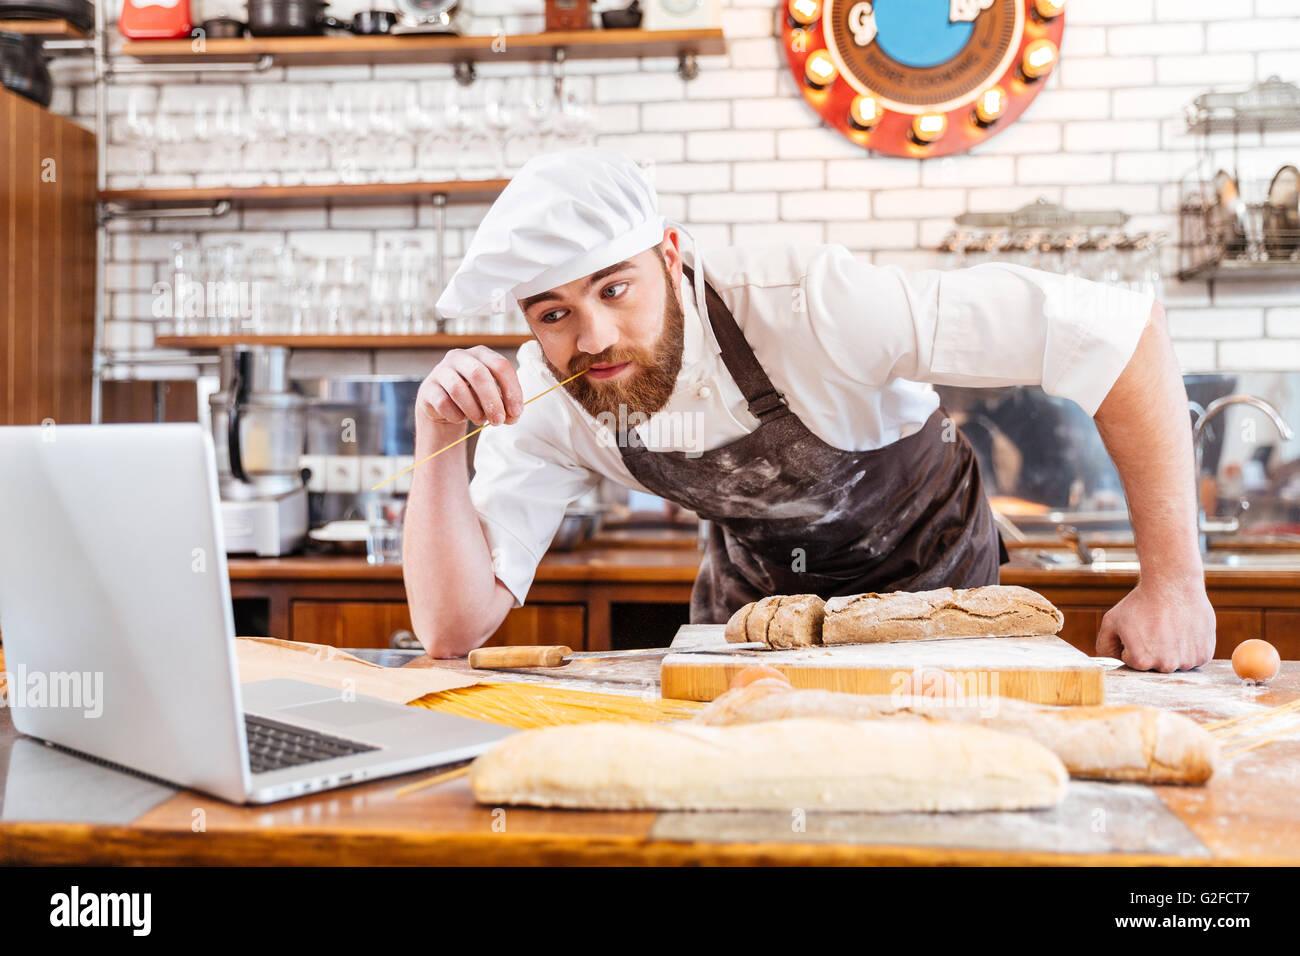 Barbu réfléchies et pain coupe Baker à l'aide d'un ordinateur portable sur la cuisine Photo Stock